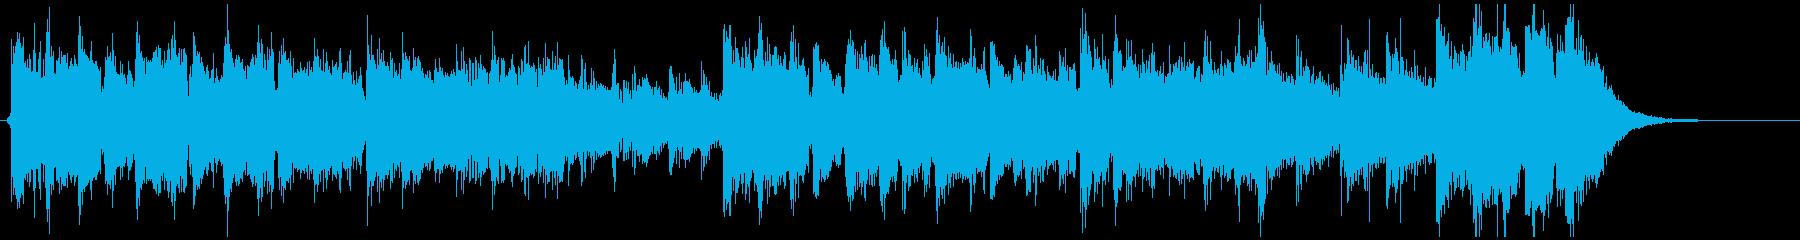 怪盗系ハードボイルドジャズのジングルBの再生済みの波形